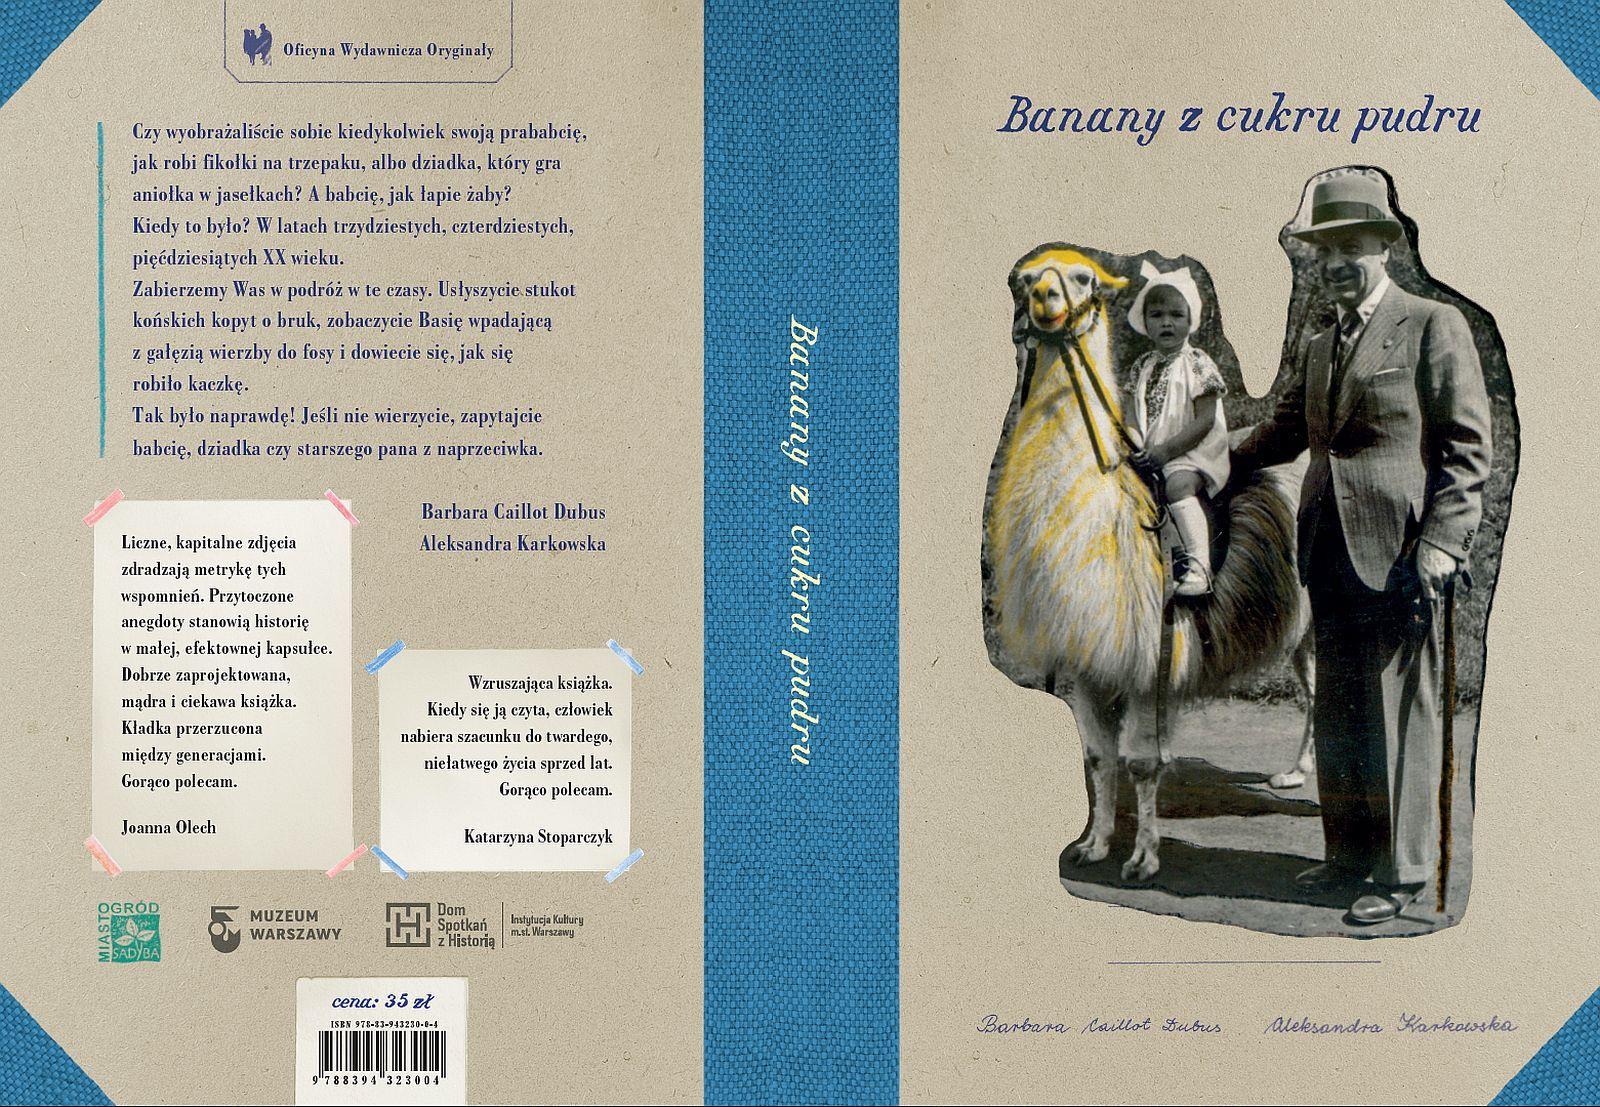 banany-okladka-printfinal-www